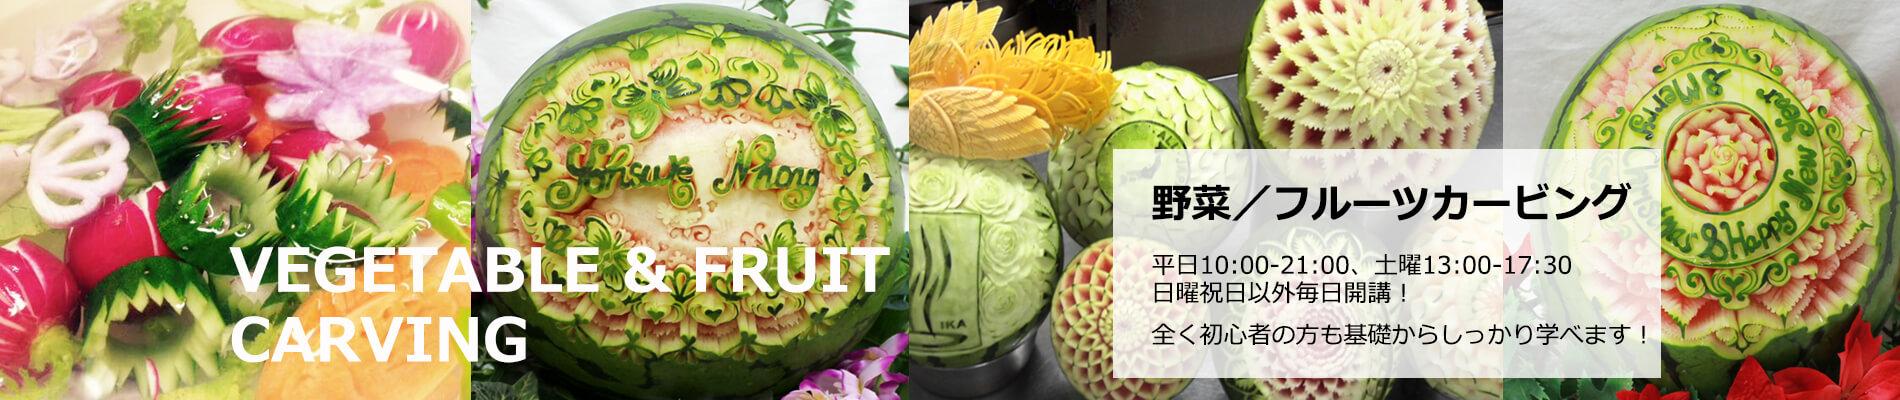 野菜・フルーツカービング/飾り切り